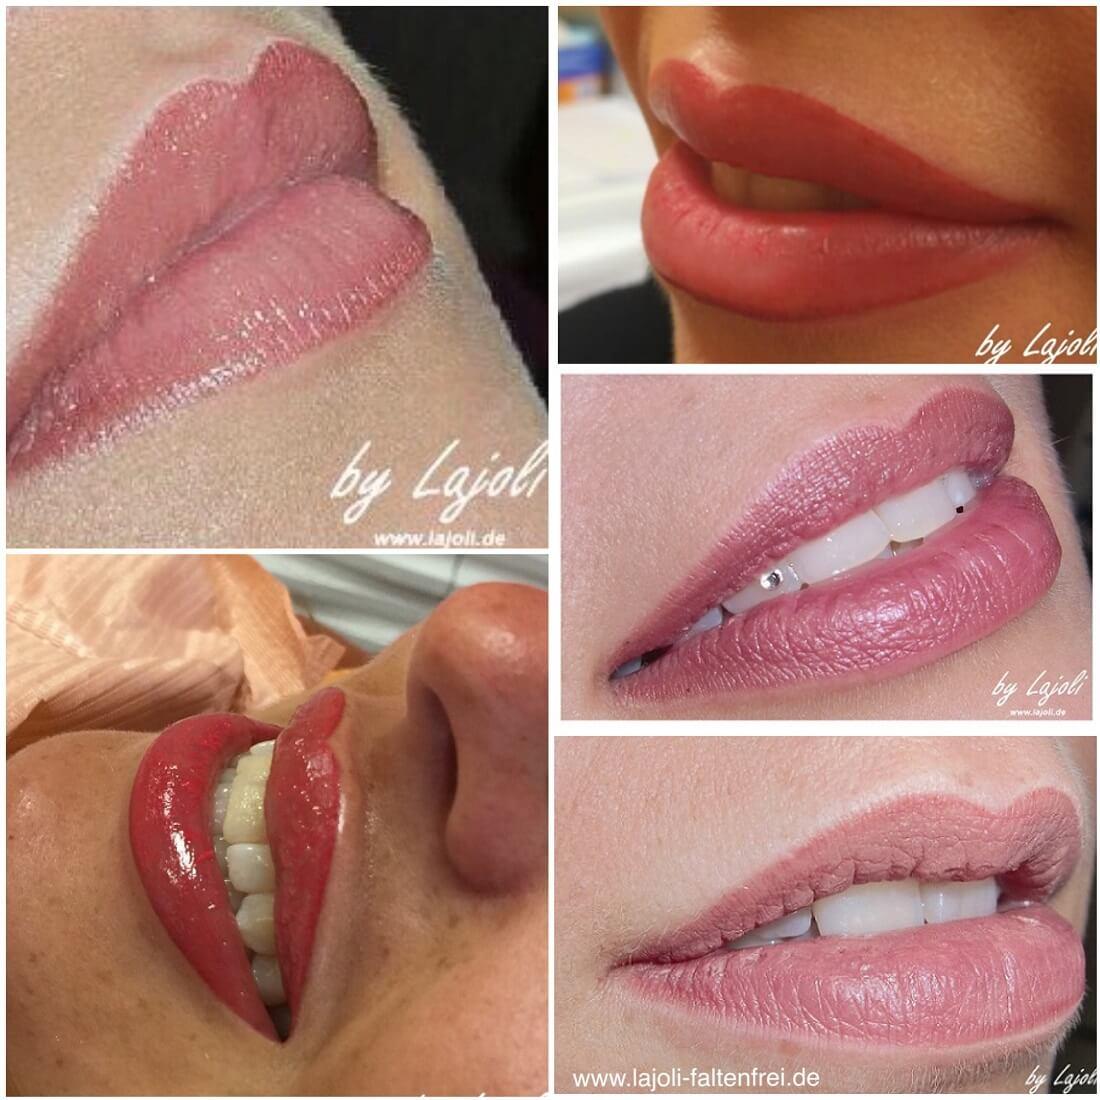 Lippen Permanent Make Up und Lippen aufspritzen mit Hyaluronsäure in der ästhetischen Praxis LAJOLI